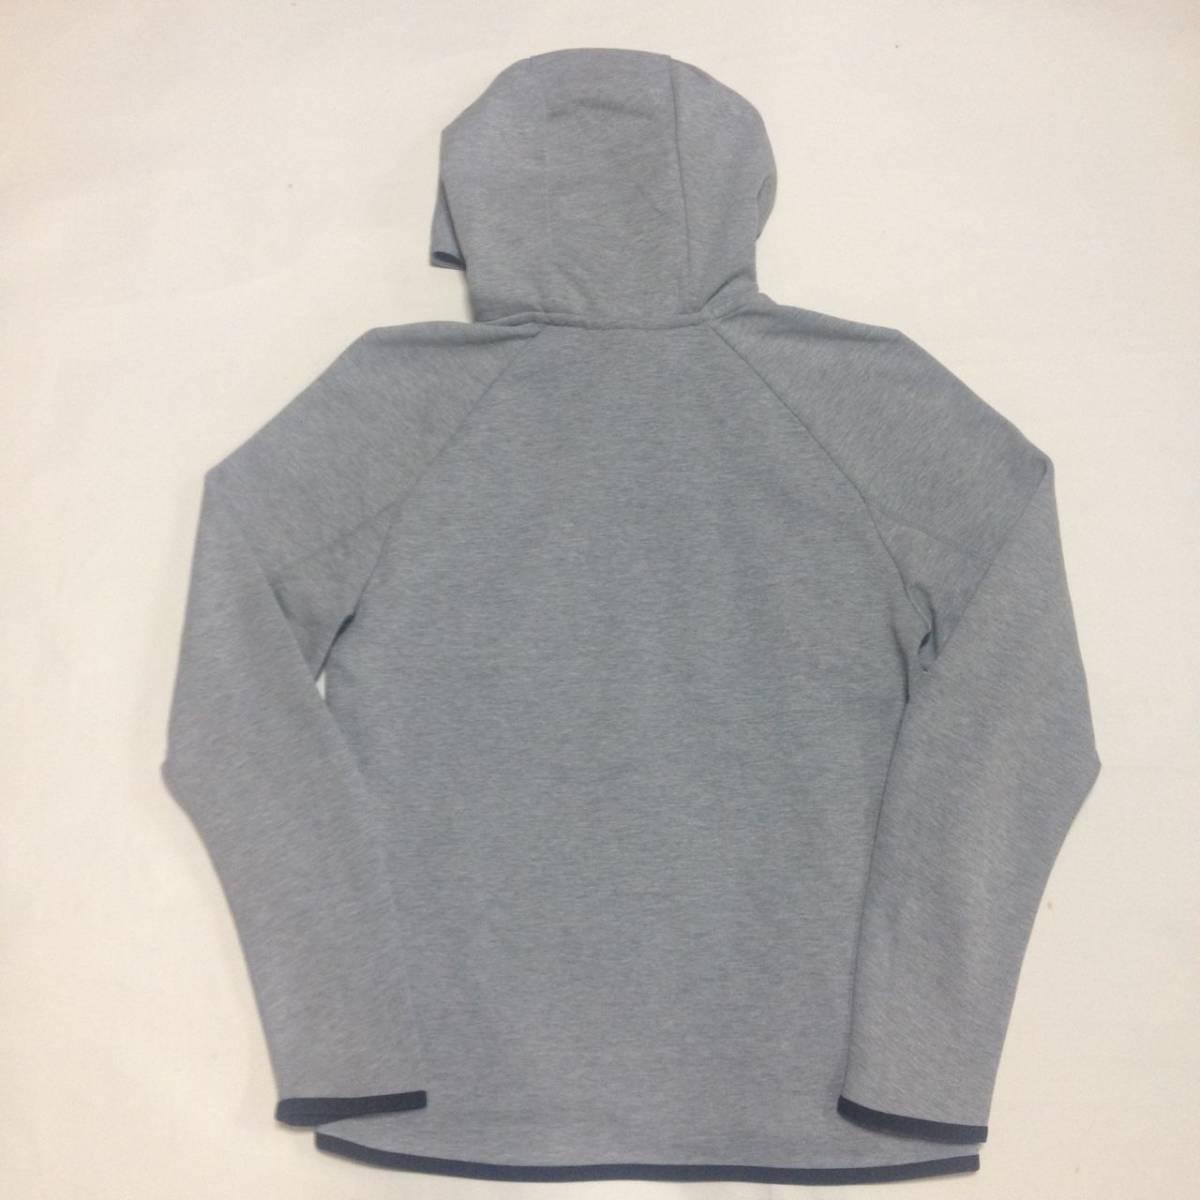 【Sサイズ】NIKE オレゴンプロジェクト Sportswear Tech Fleece【Oregon Project】